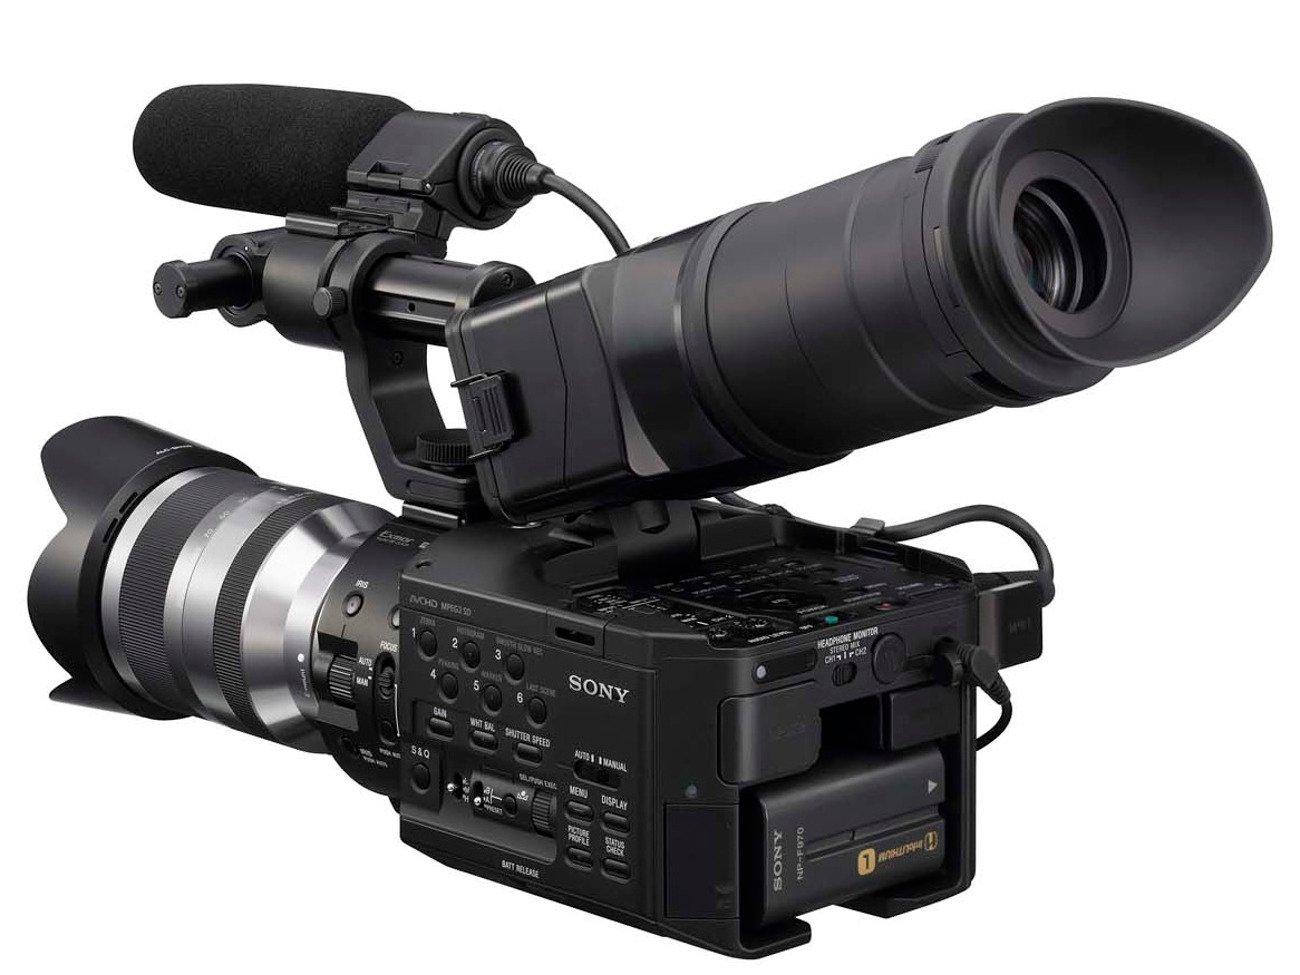 Sony NEX FS100 camera. Image: Sony.